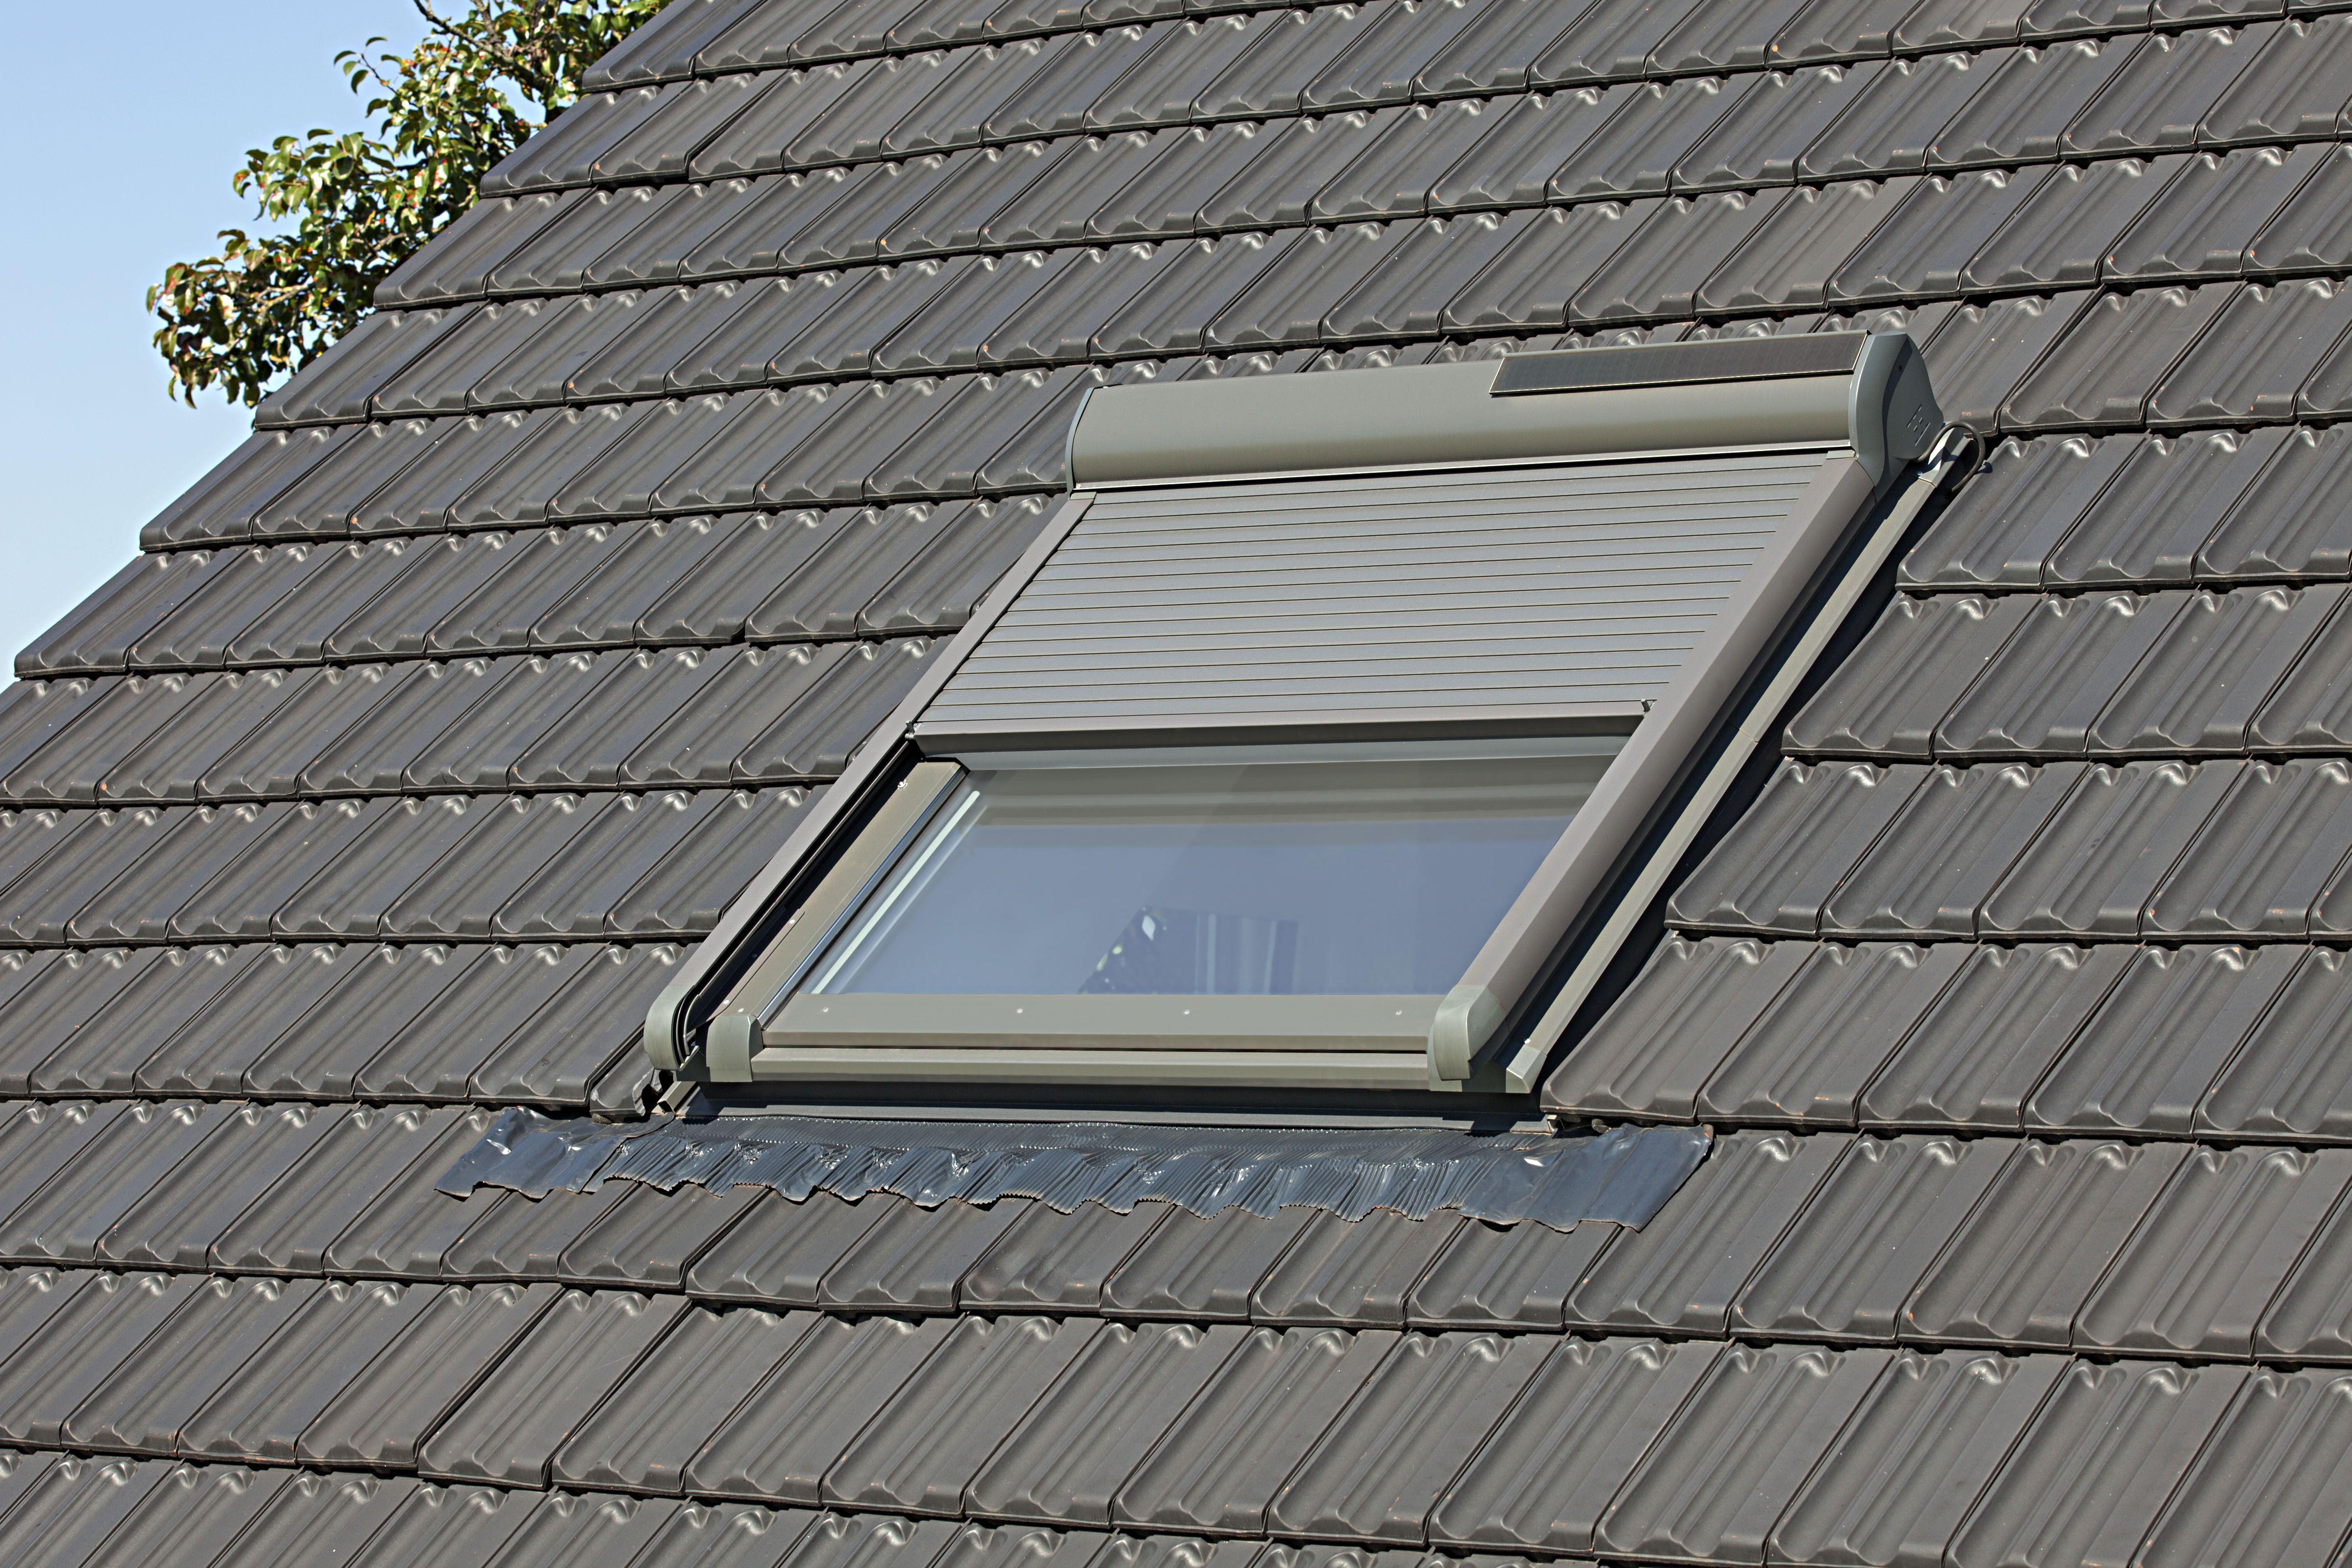 Dachfensterrollladen icnib - Baier dachfensterrollladen ...